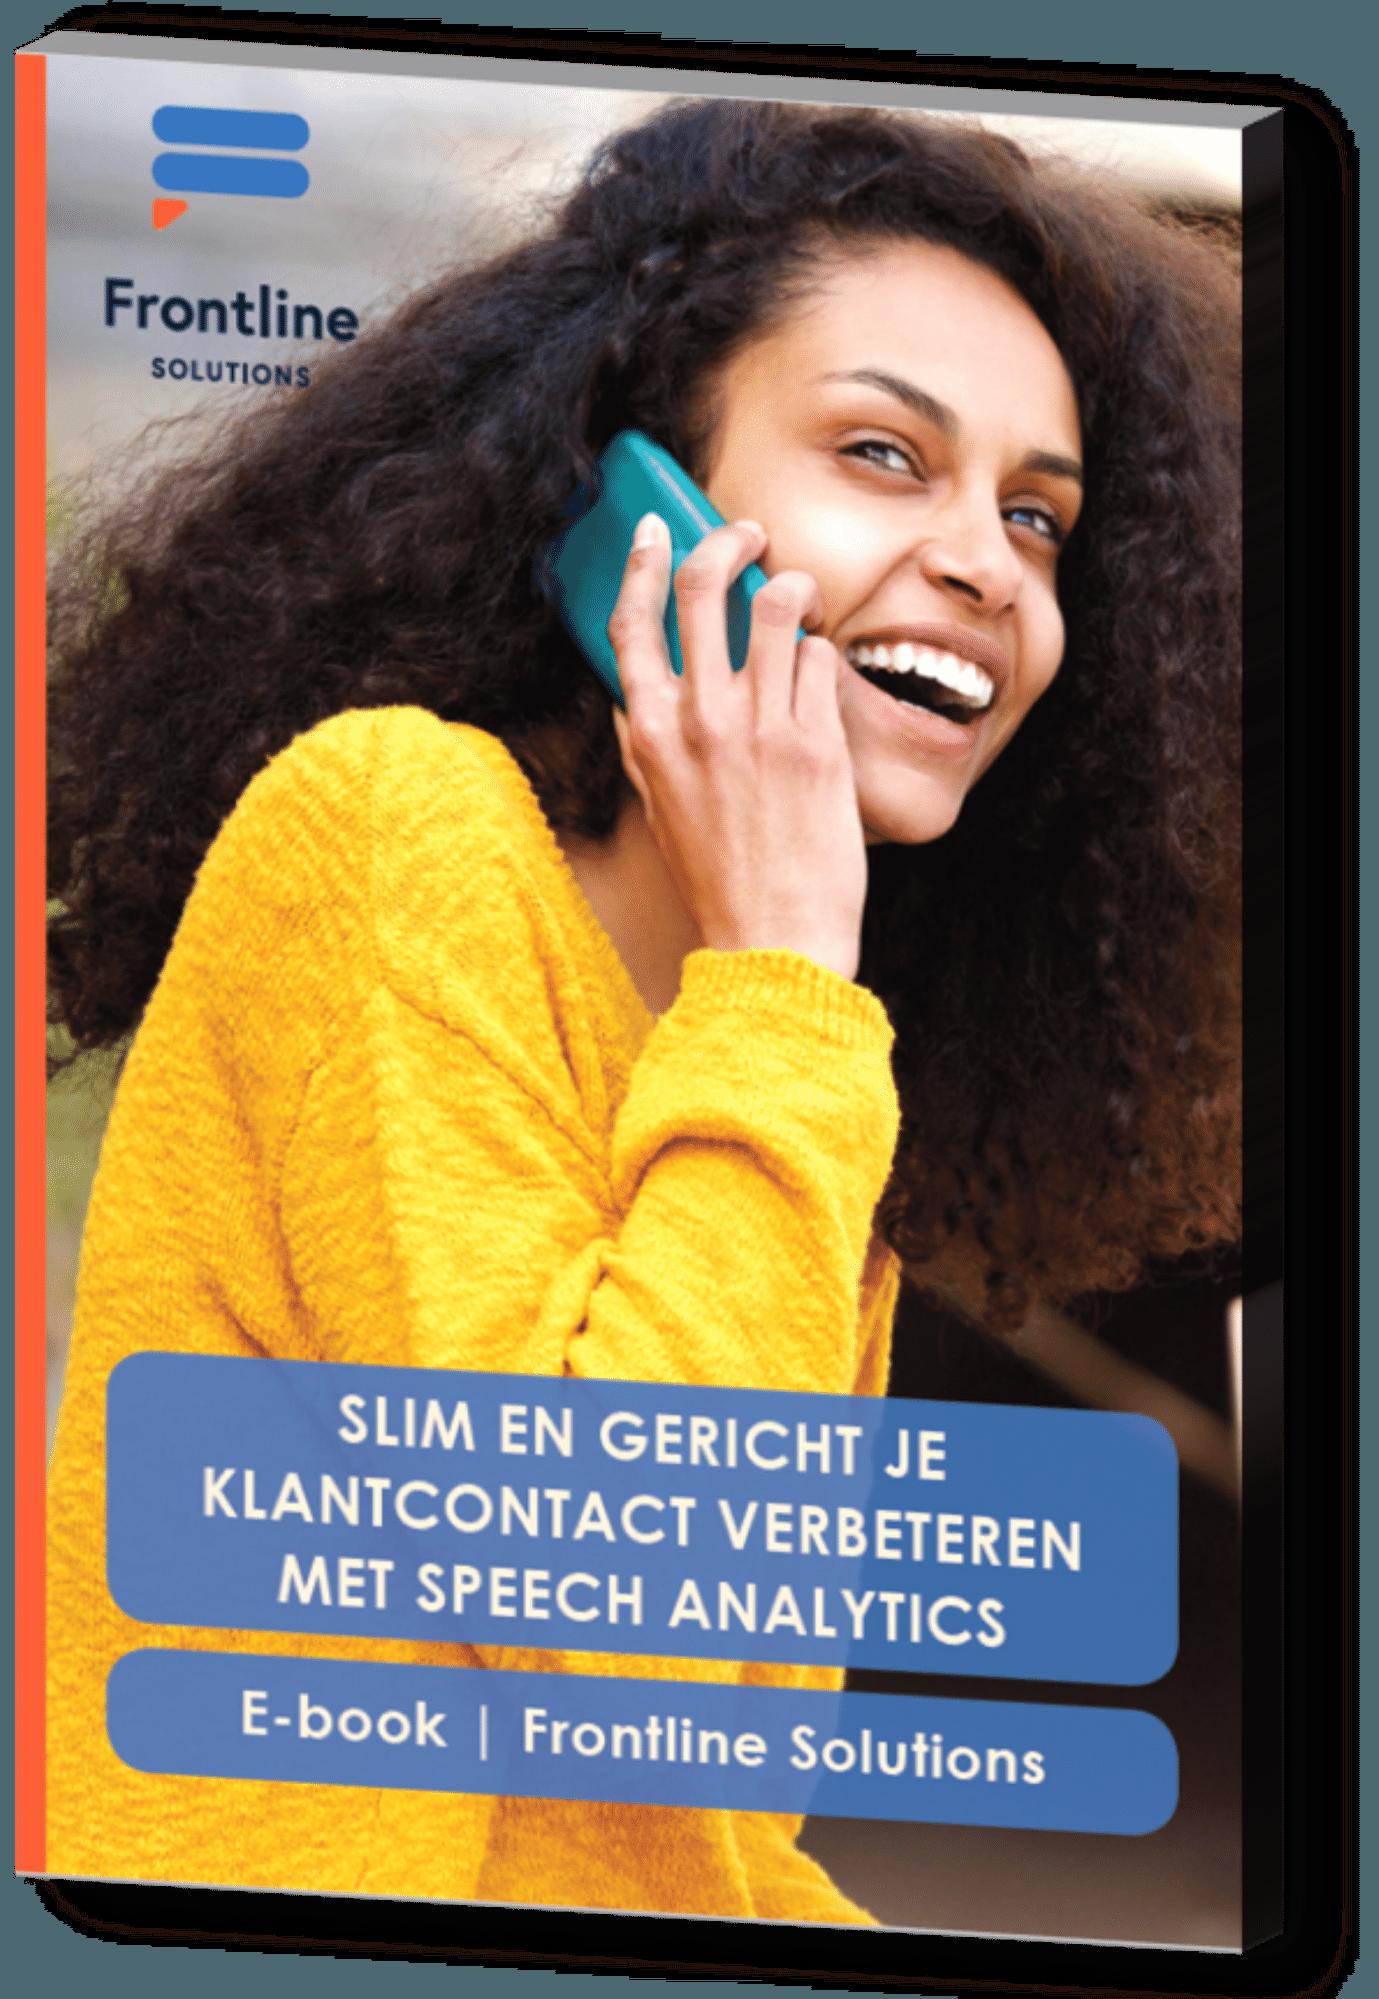 Slim-en-gericht-je-klantcontact-verbeteren-met-speech-analytics